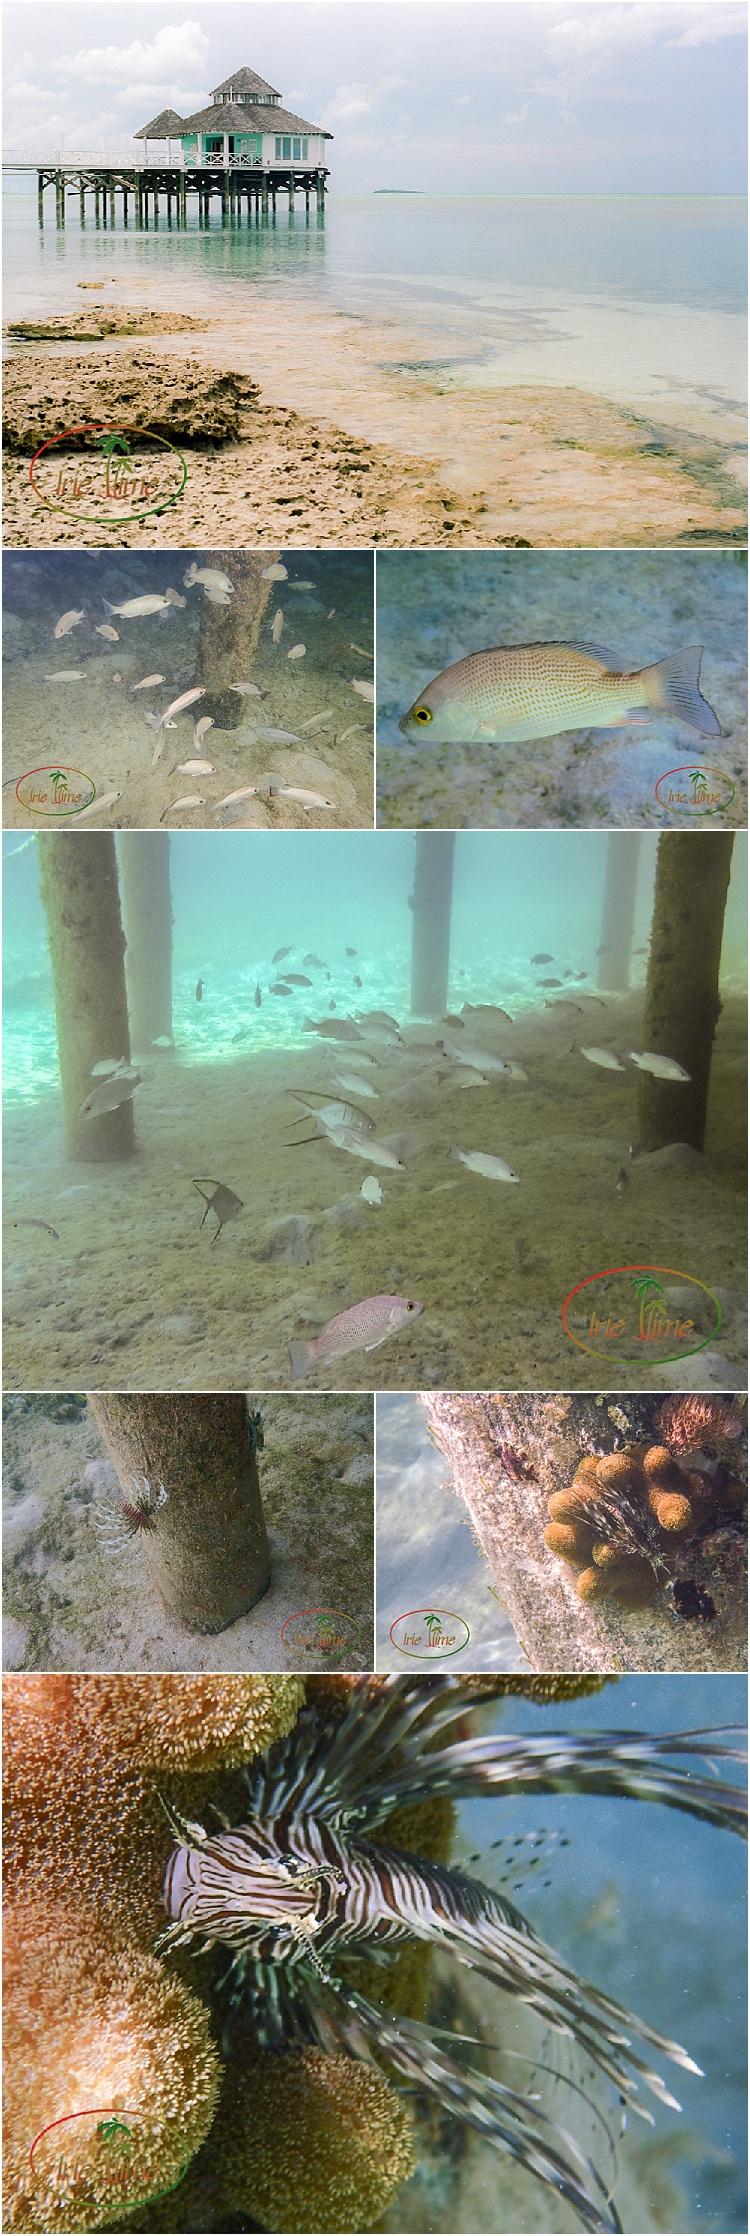 Snorkel Dive Andros Bahamas